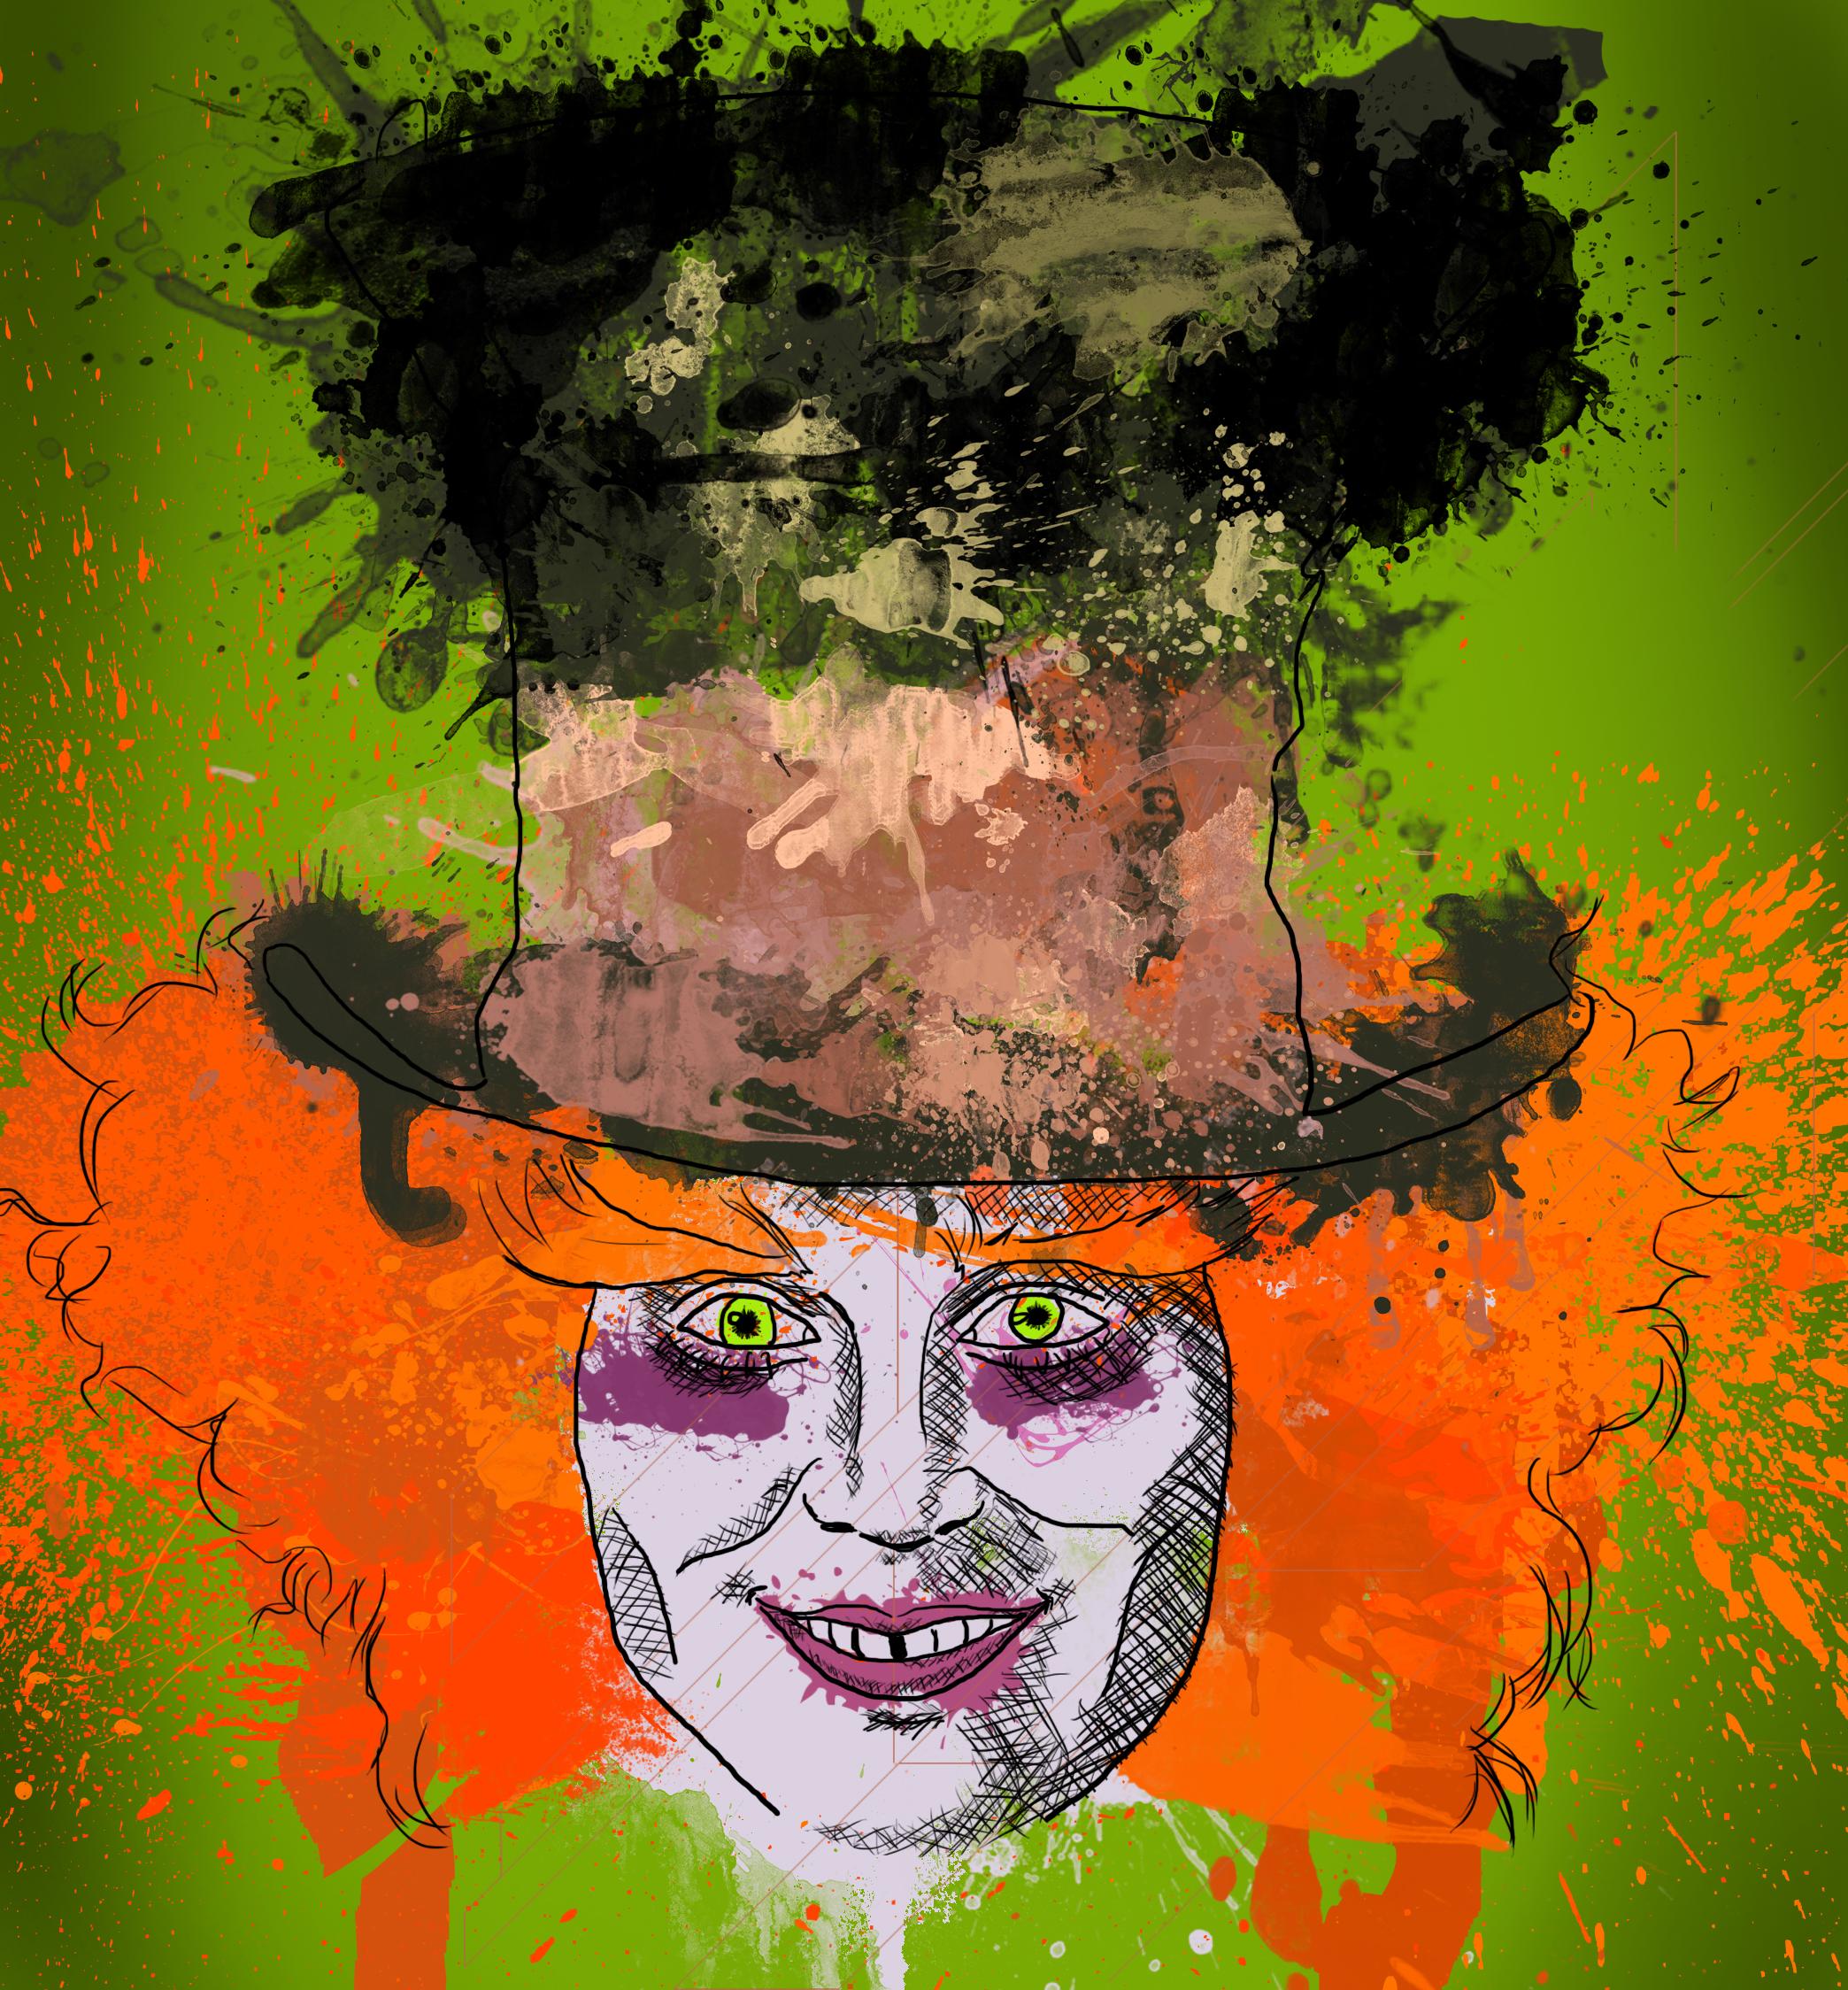 Mad Splatter by gurlsluvchocolate